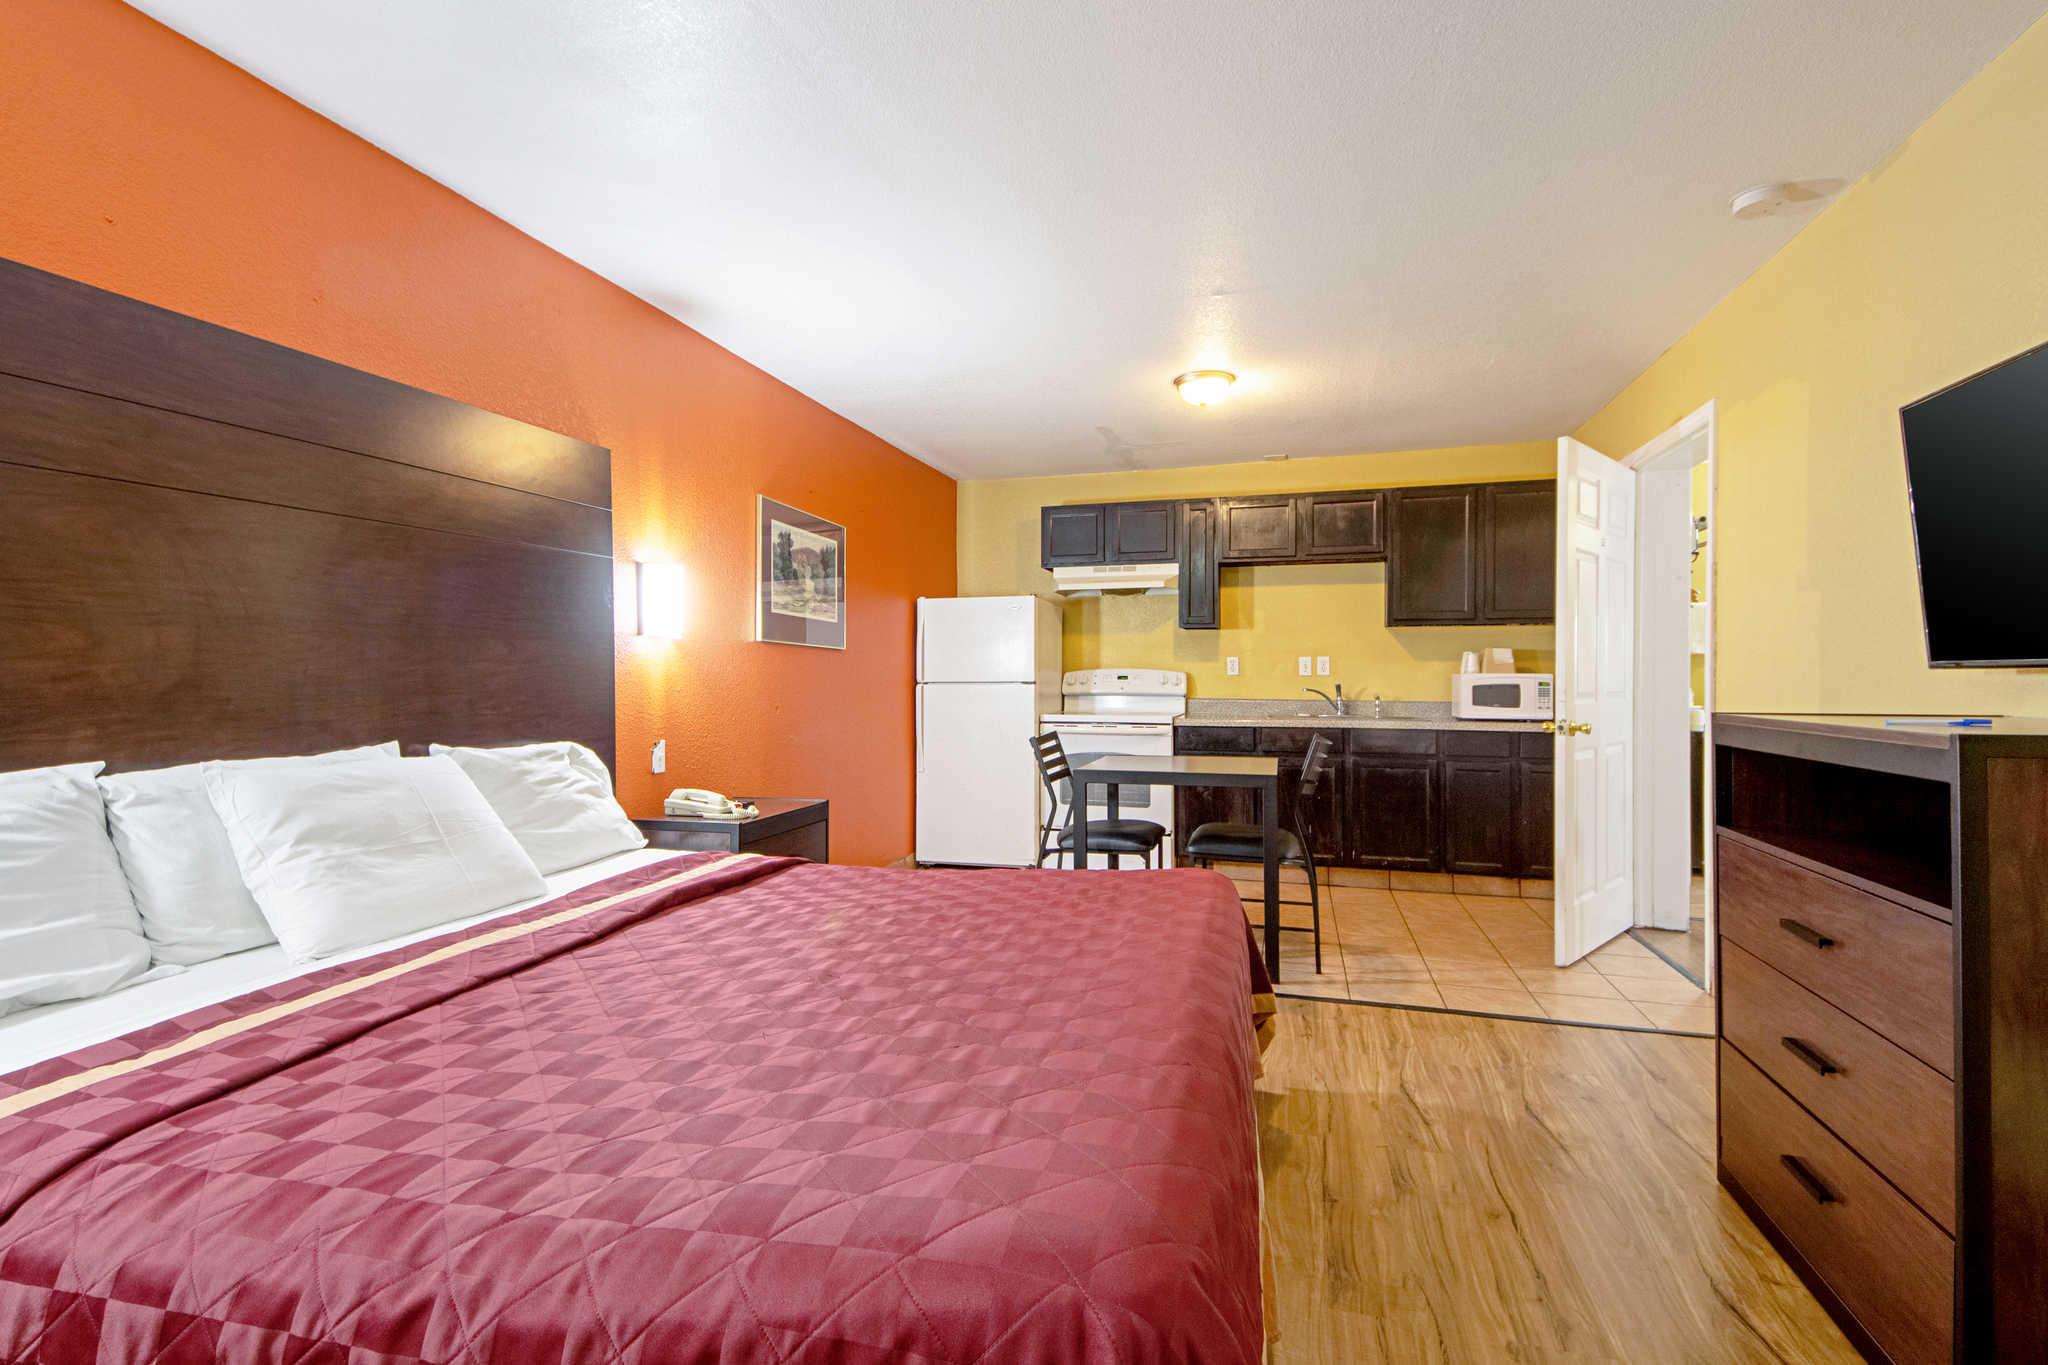 Rodeway Inn & Suites image 33